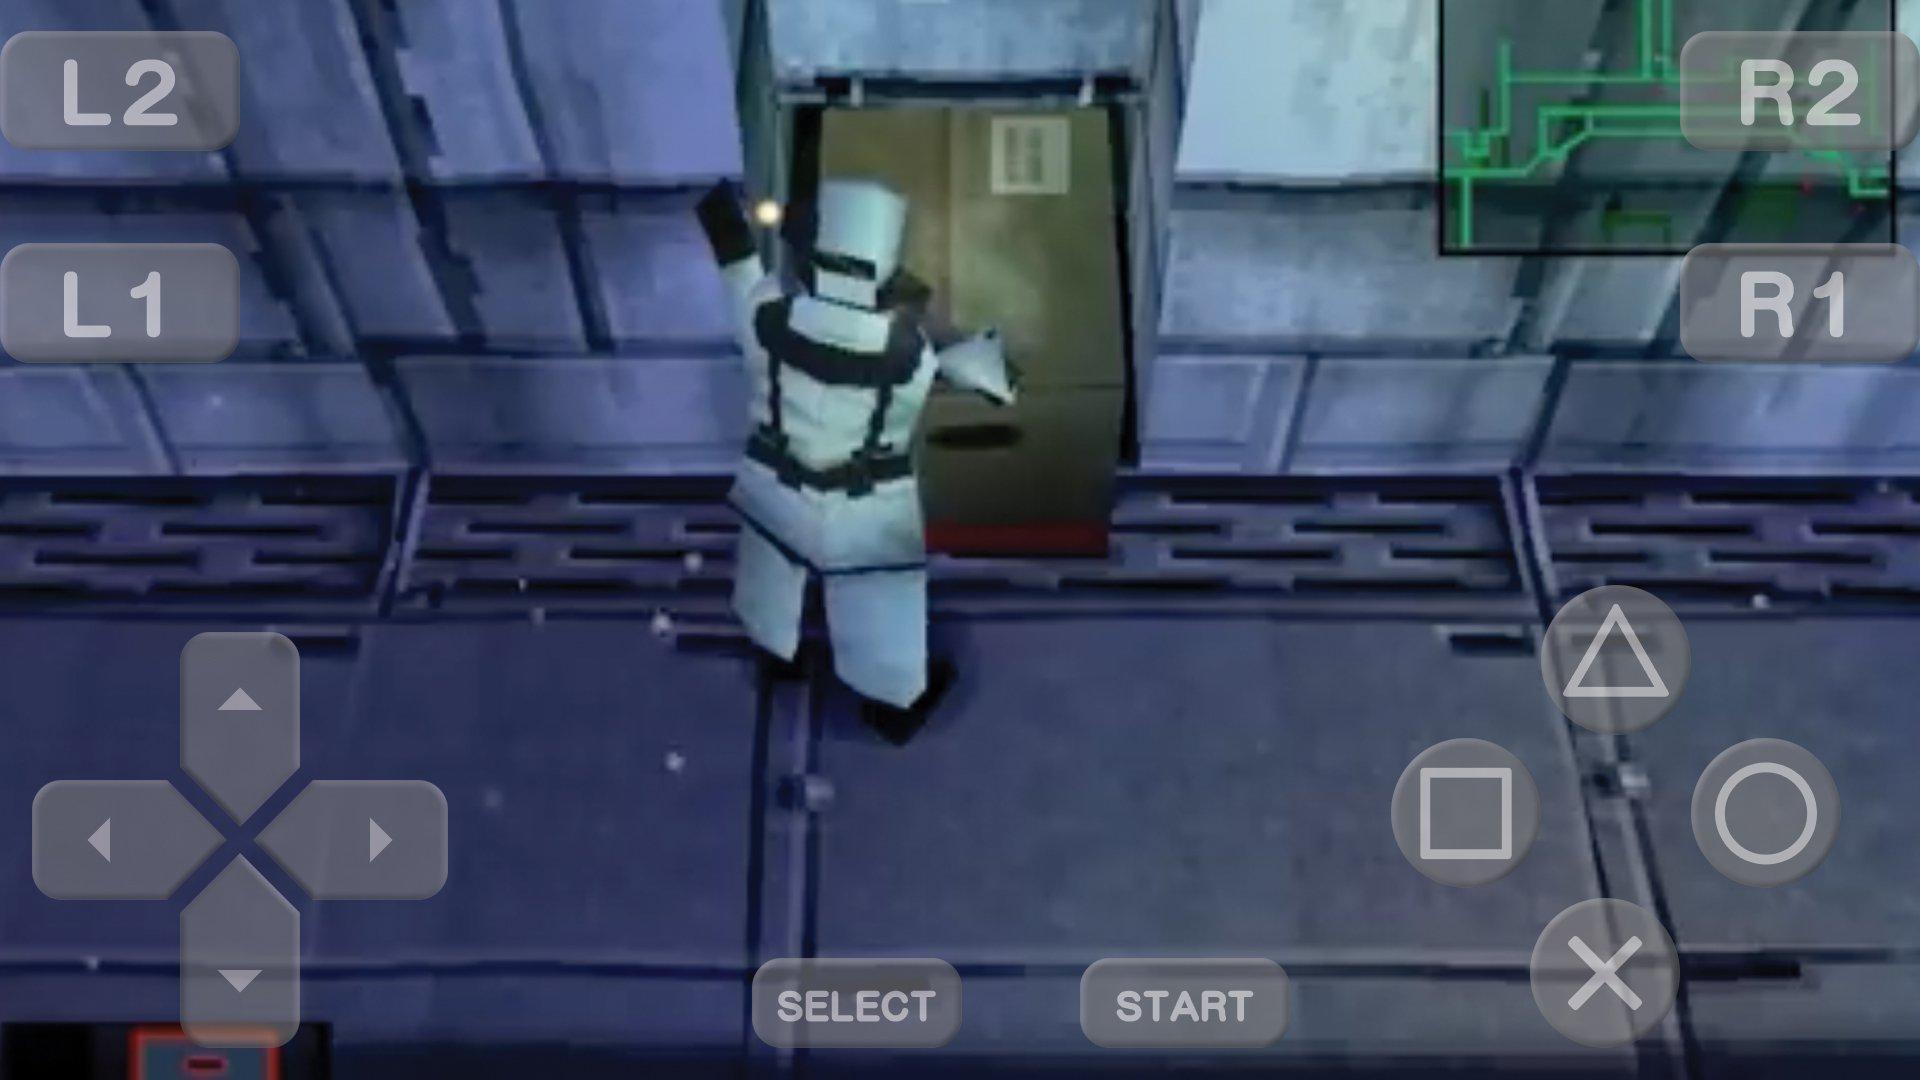 Psx emulator apk apkpure | Download PS4 Emulator for Android